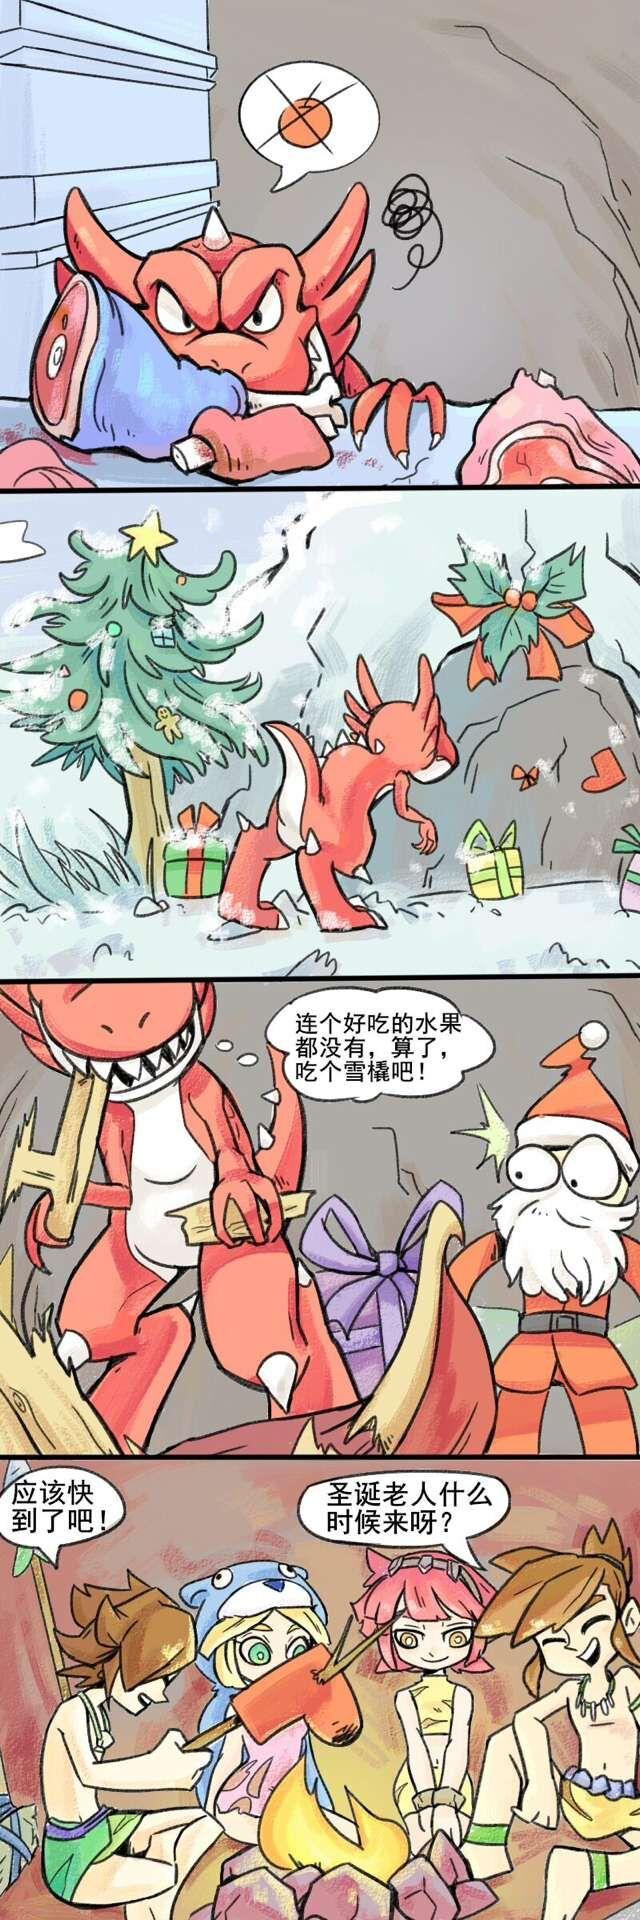 给石器时代老玩家的圣诞节礼物。作者:柒多多